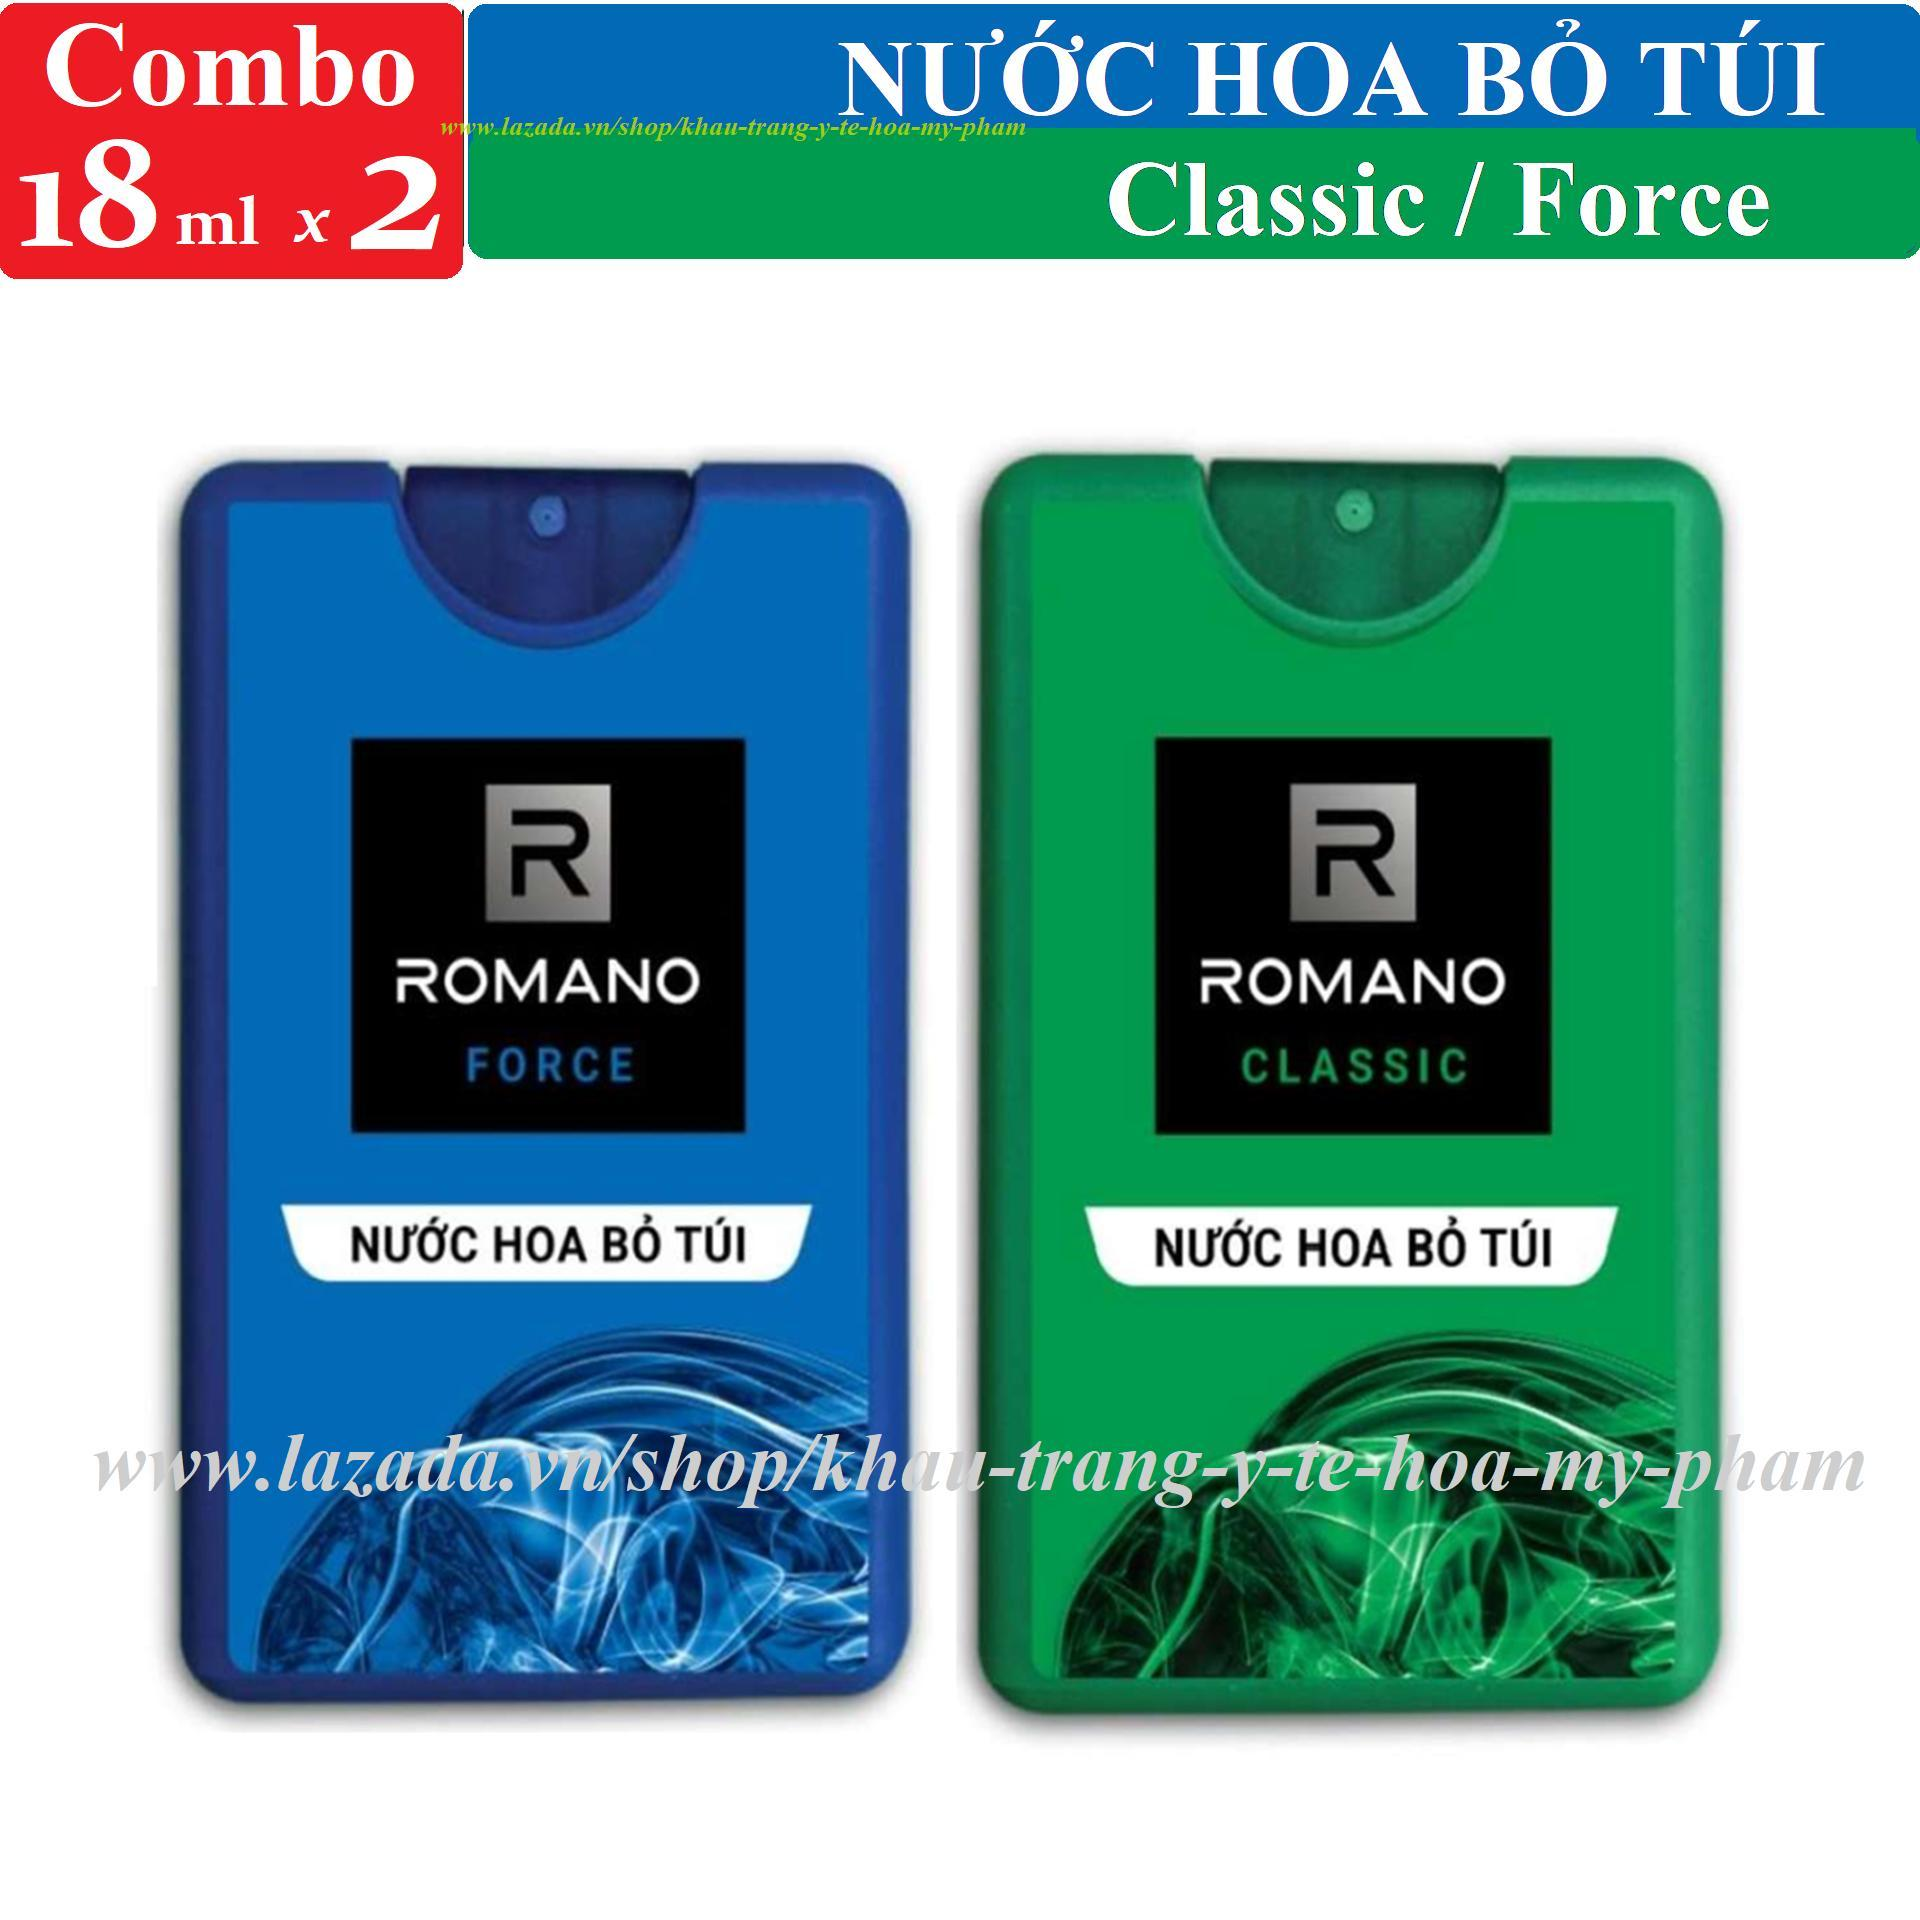 Romano - Combo 02 Nước hoa bỏ túi 18ml (Classic / Force) nhập khẩu